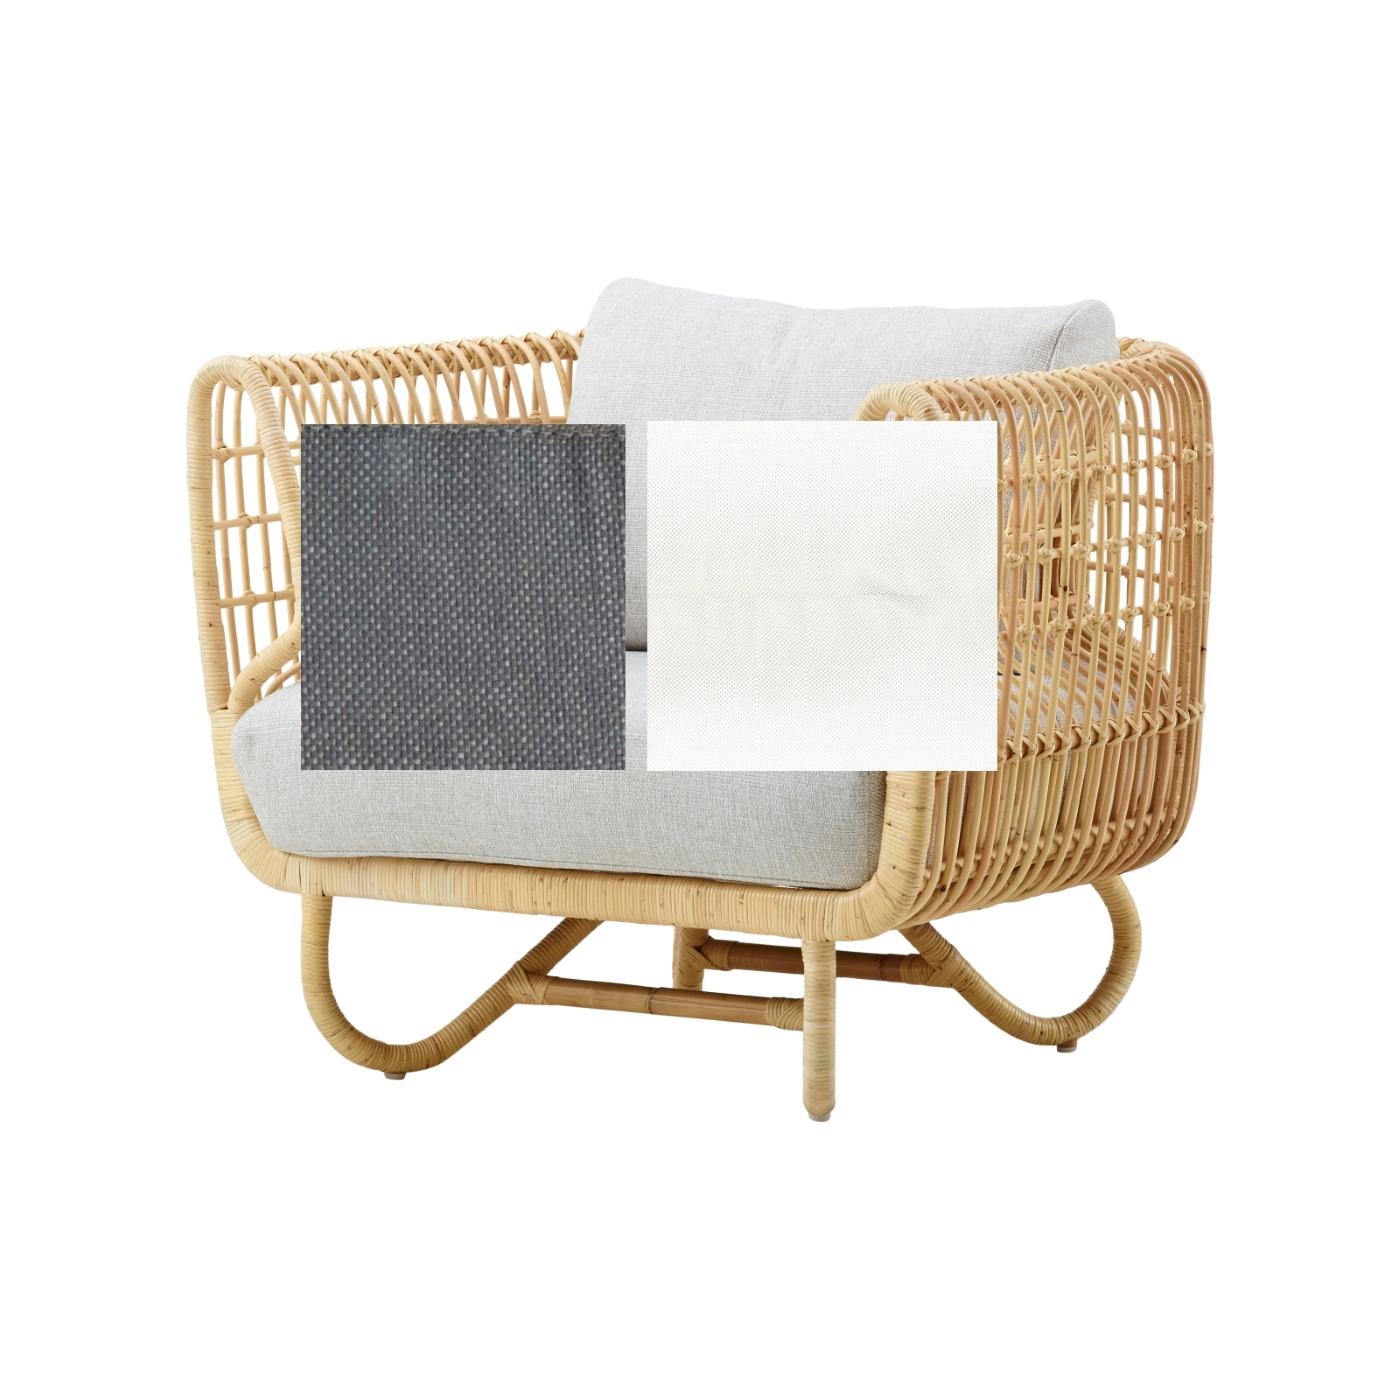 Dynset till NEST Lounge Chair Cane-line